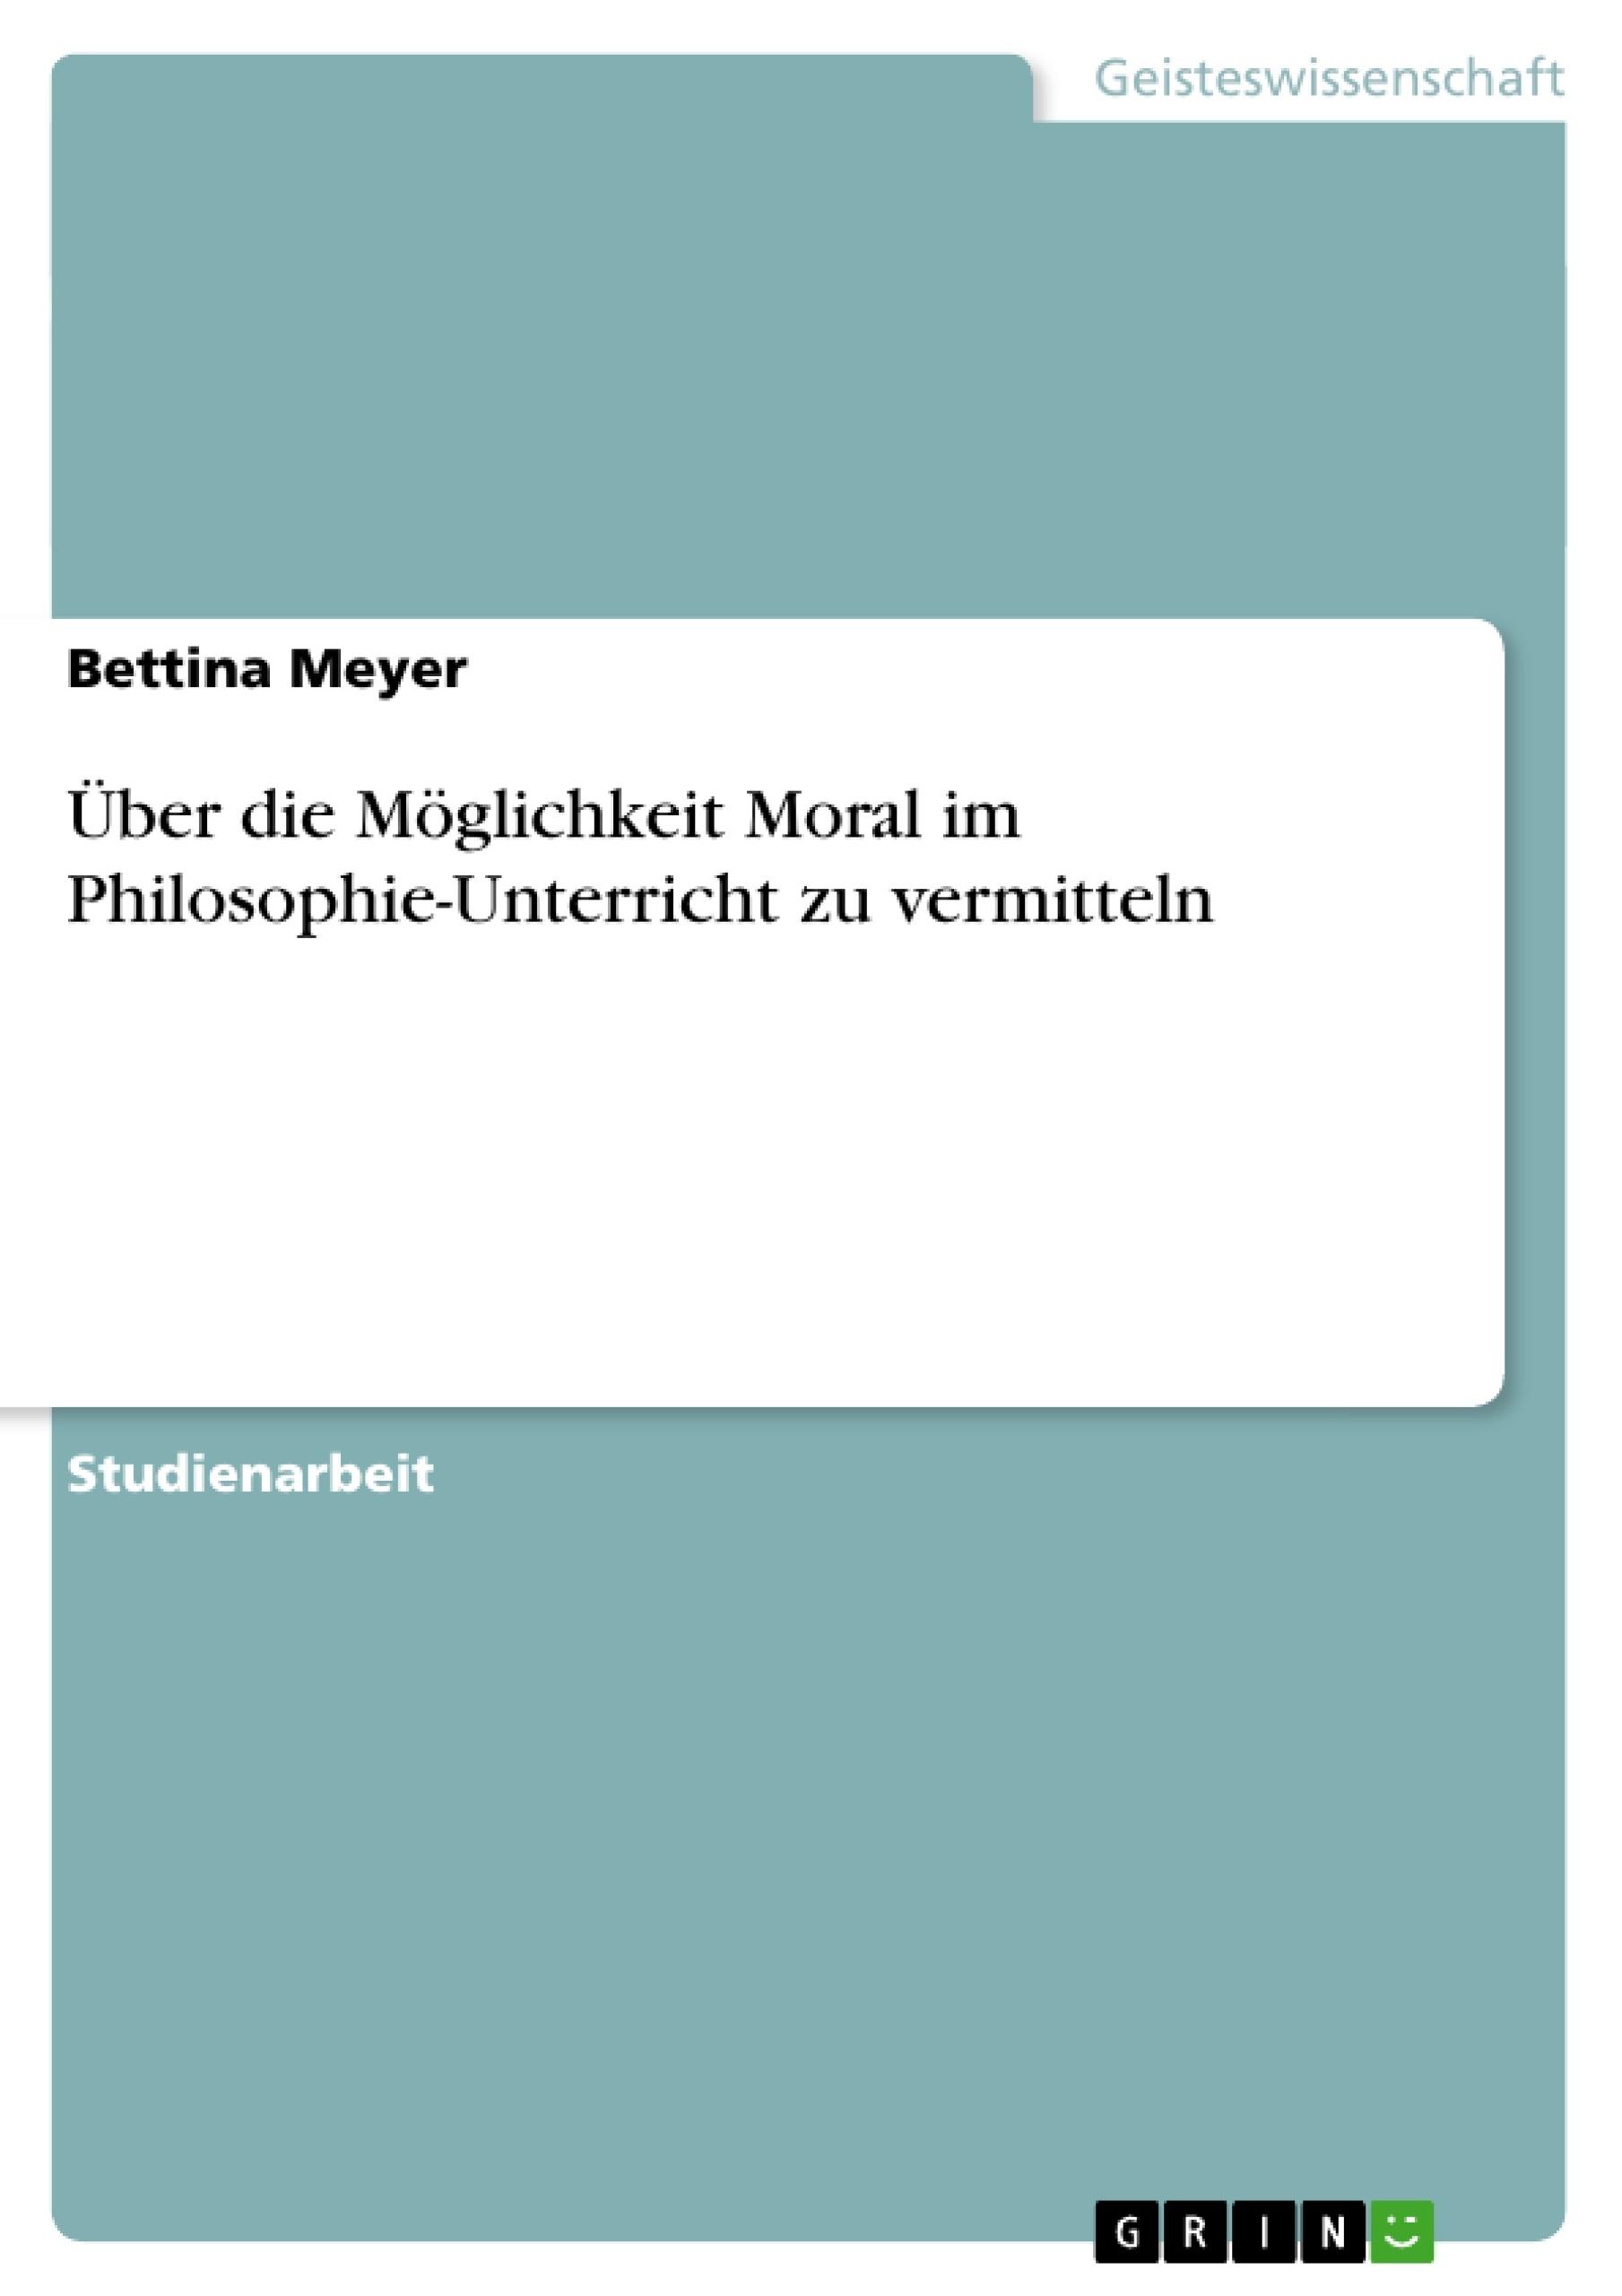 Titel: Über die Möglichkeit Moral im Philosophie-Unterricht zu vermitteln